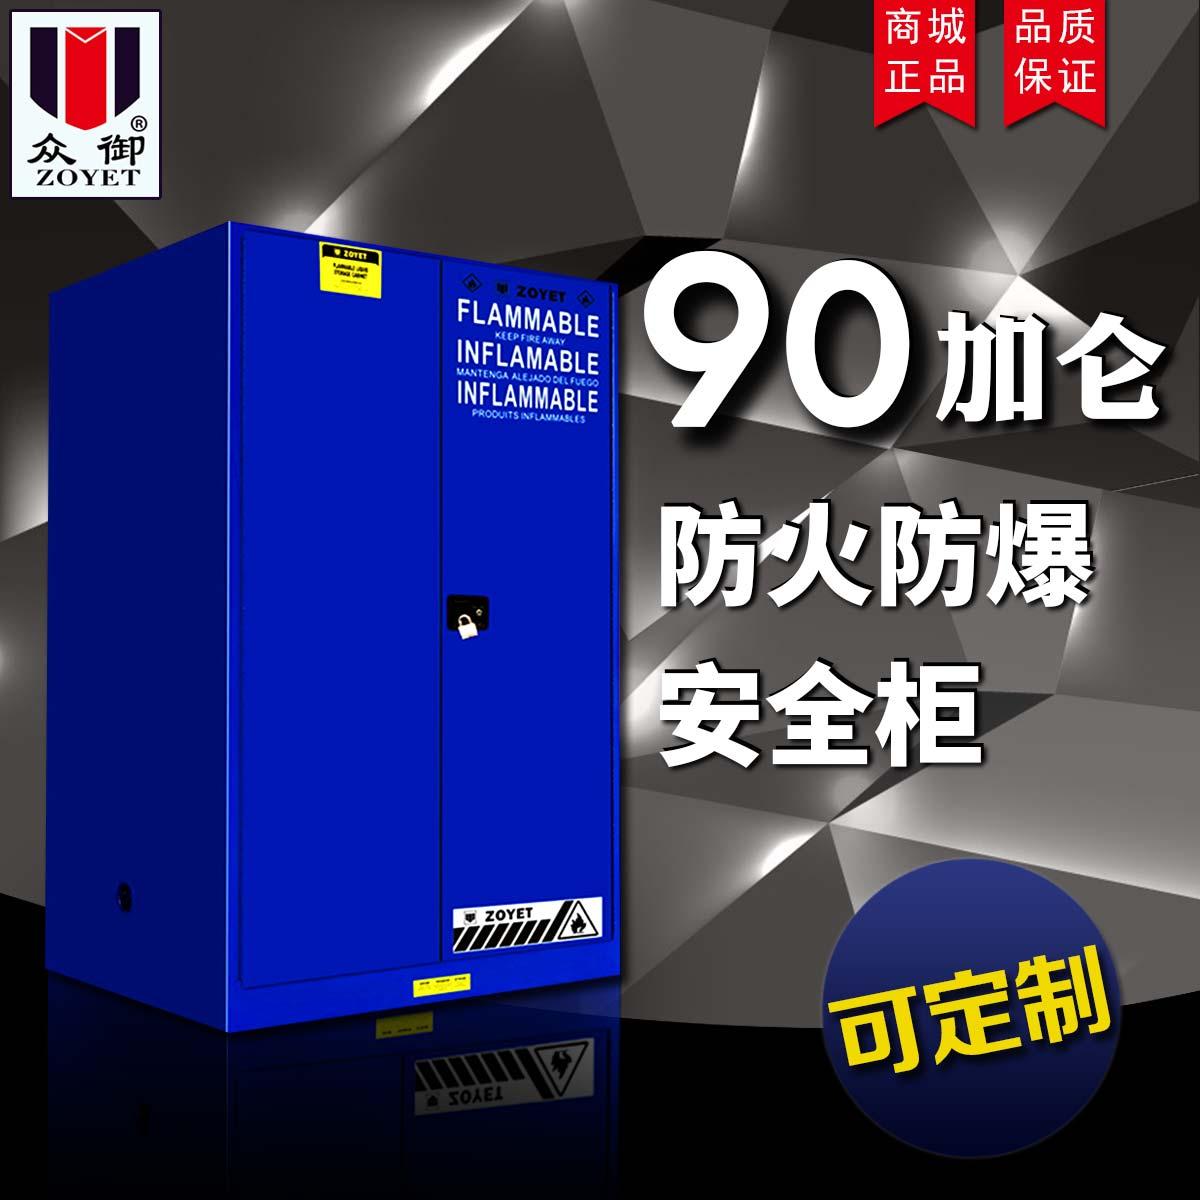 90加仑 弱腐蚀性液体防火安全柜